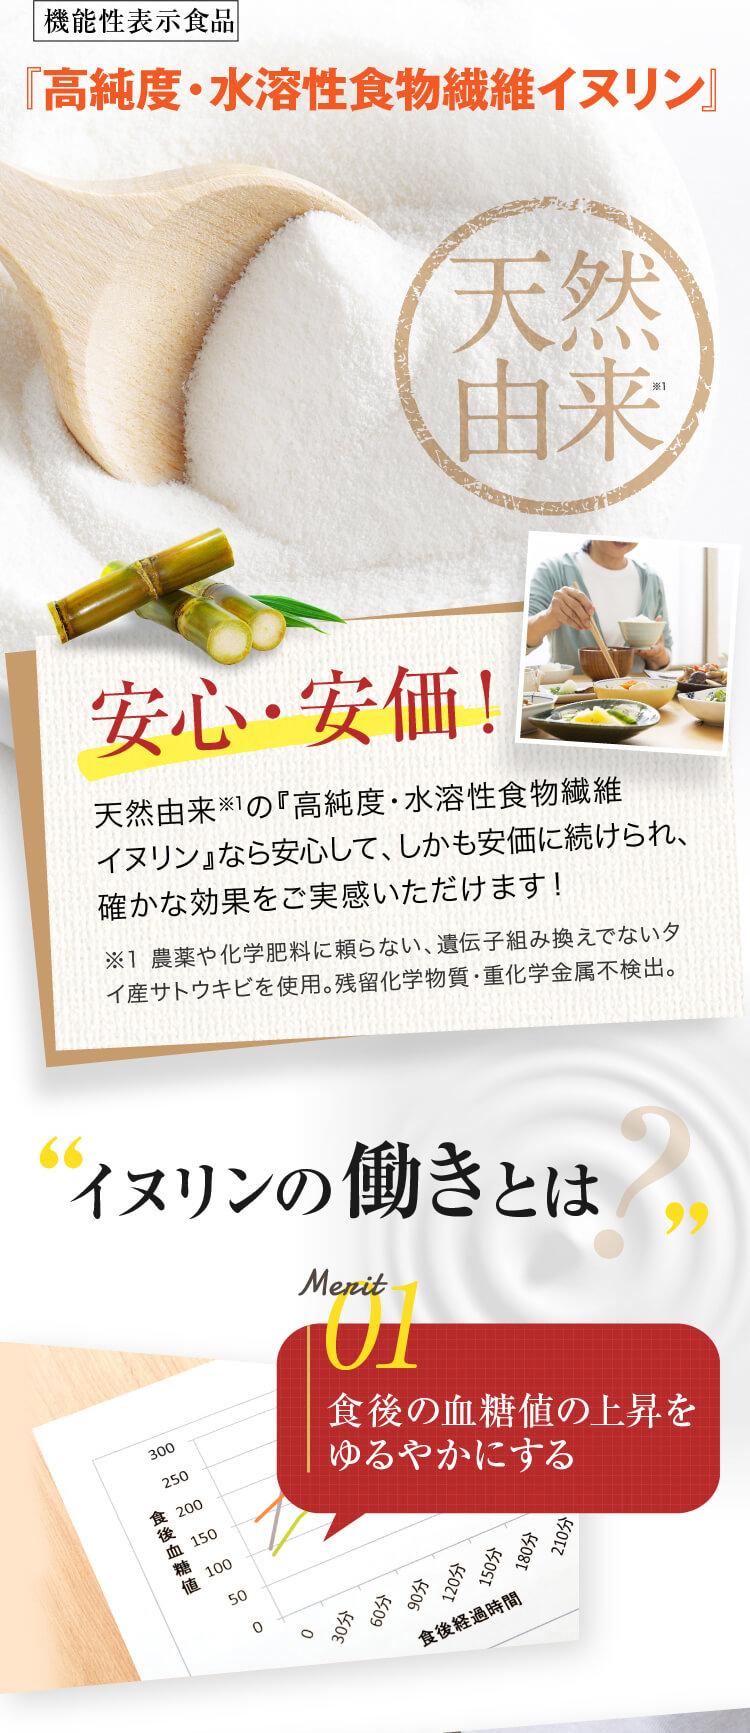 イヌリンは菊芋などの作物に含まれる水に溶ける性質をもった食物繊維です 善玉菌のエサになりやすい